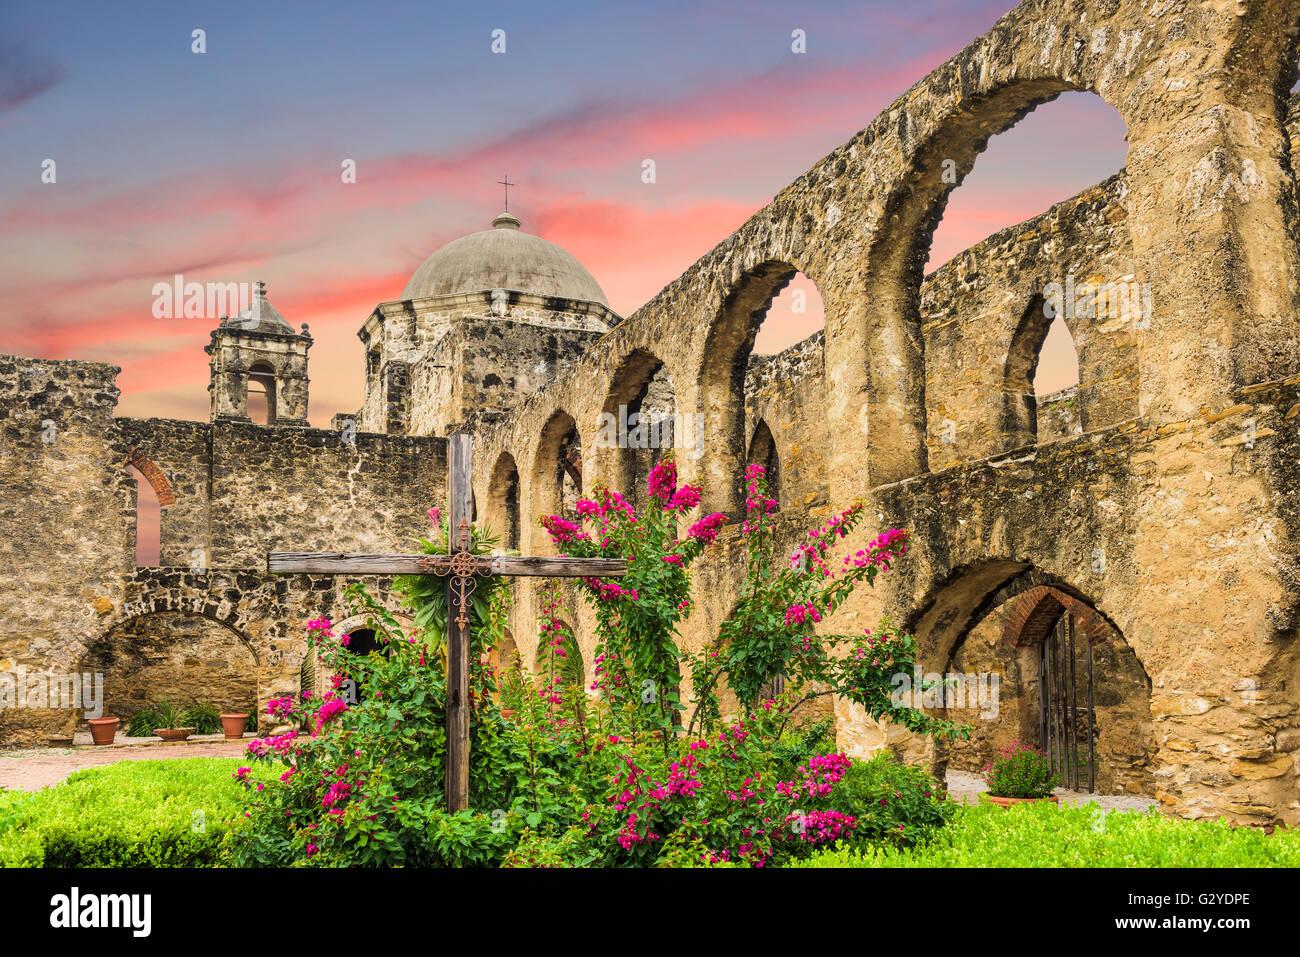 La missione di San Jose di San Antonio, Texas, Stati Uniti d'America. Immagini Stock